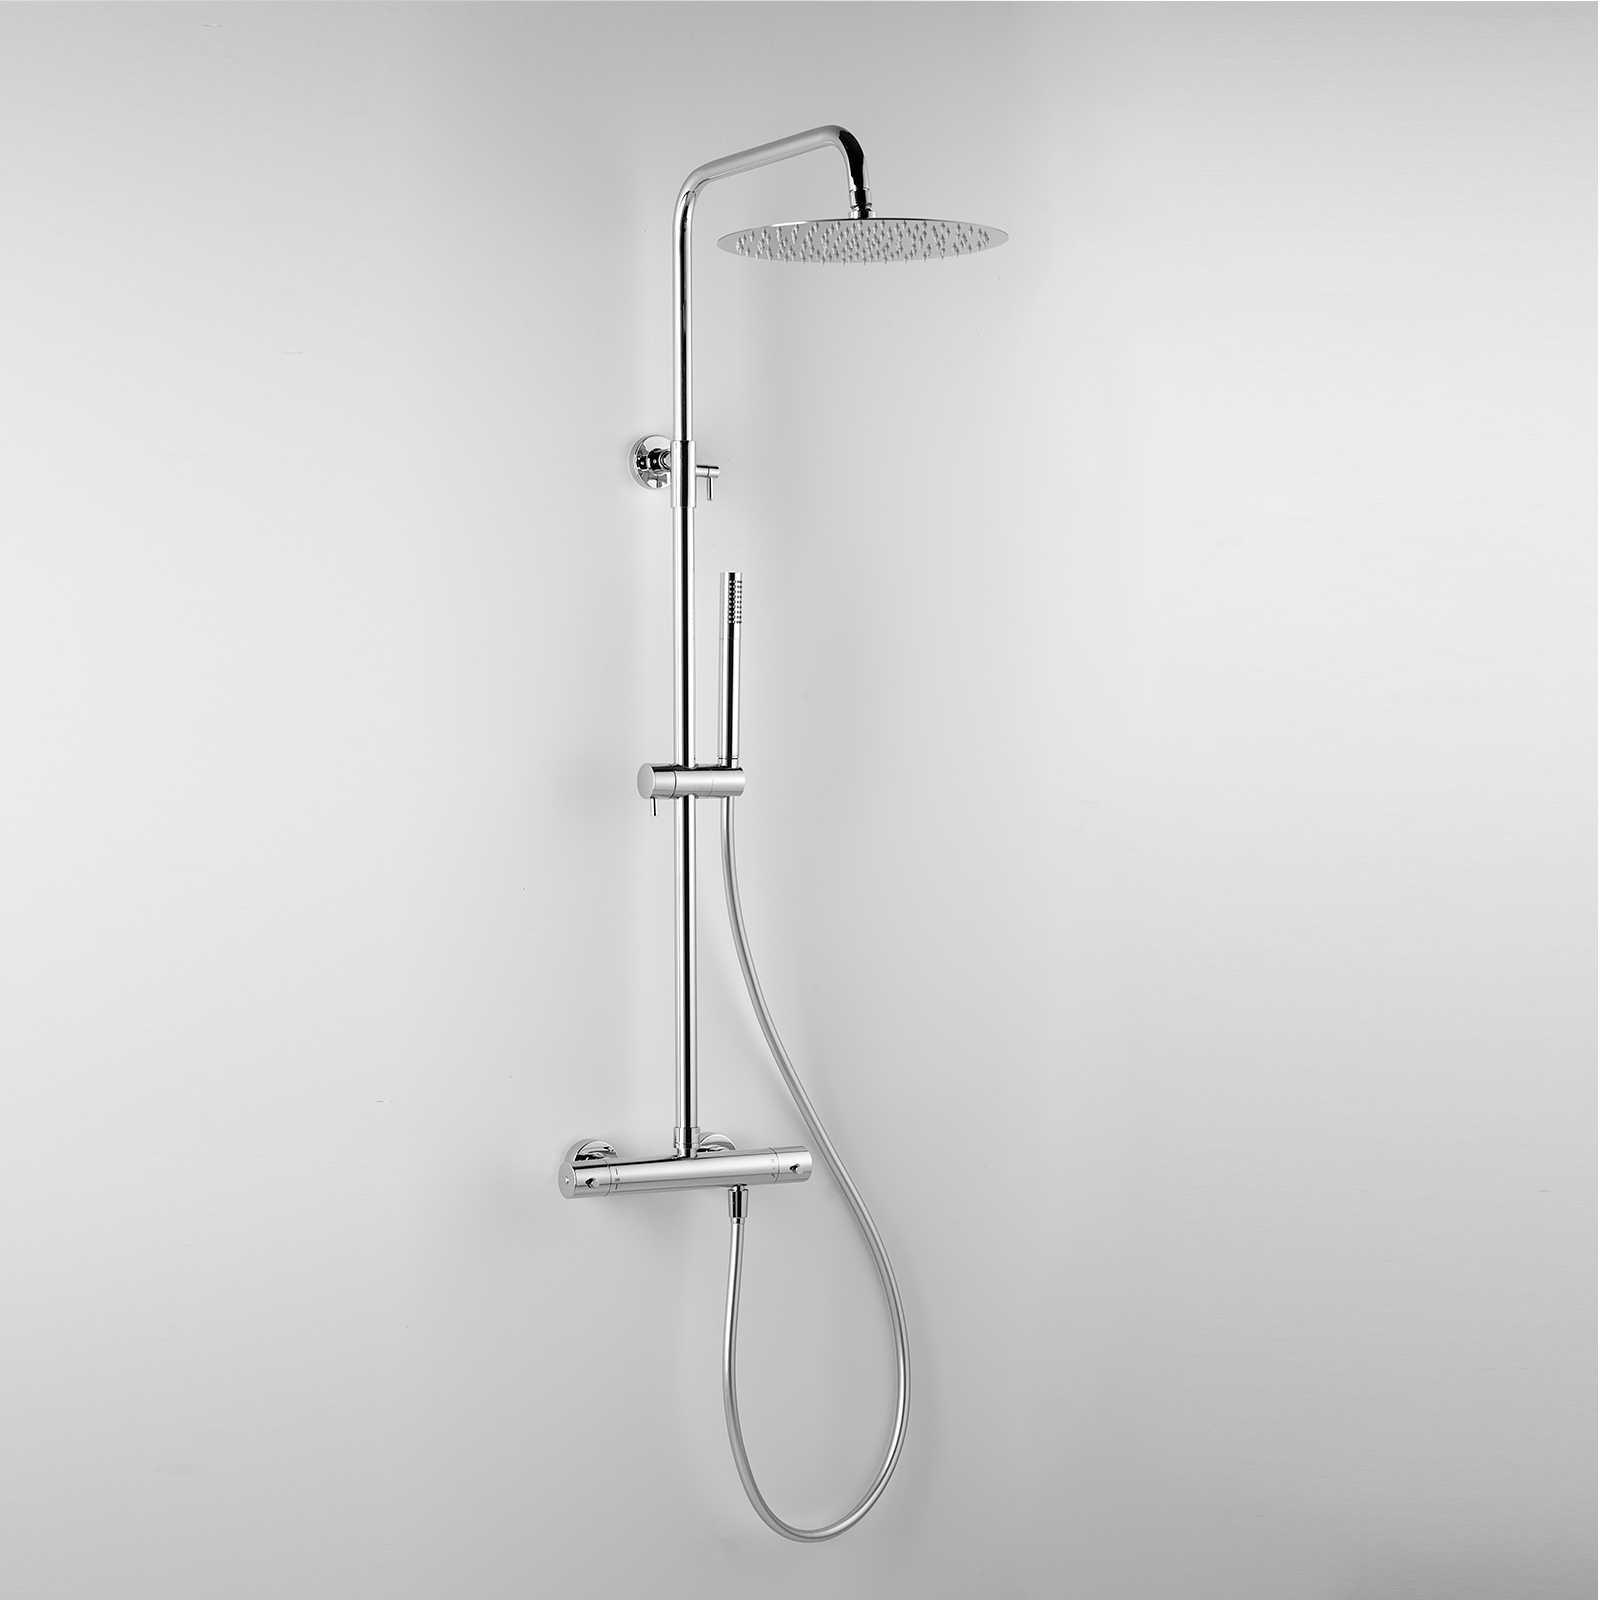 Colonna doccia termostatica tonda con soffione d. 25 e corpo telescopico